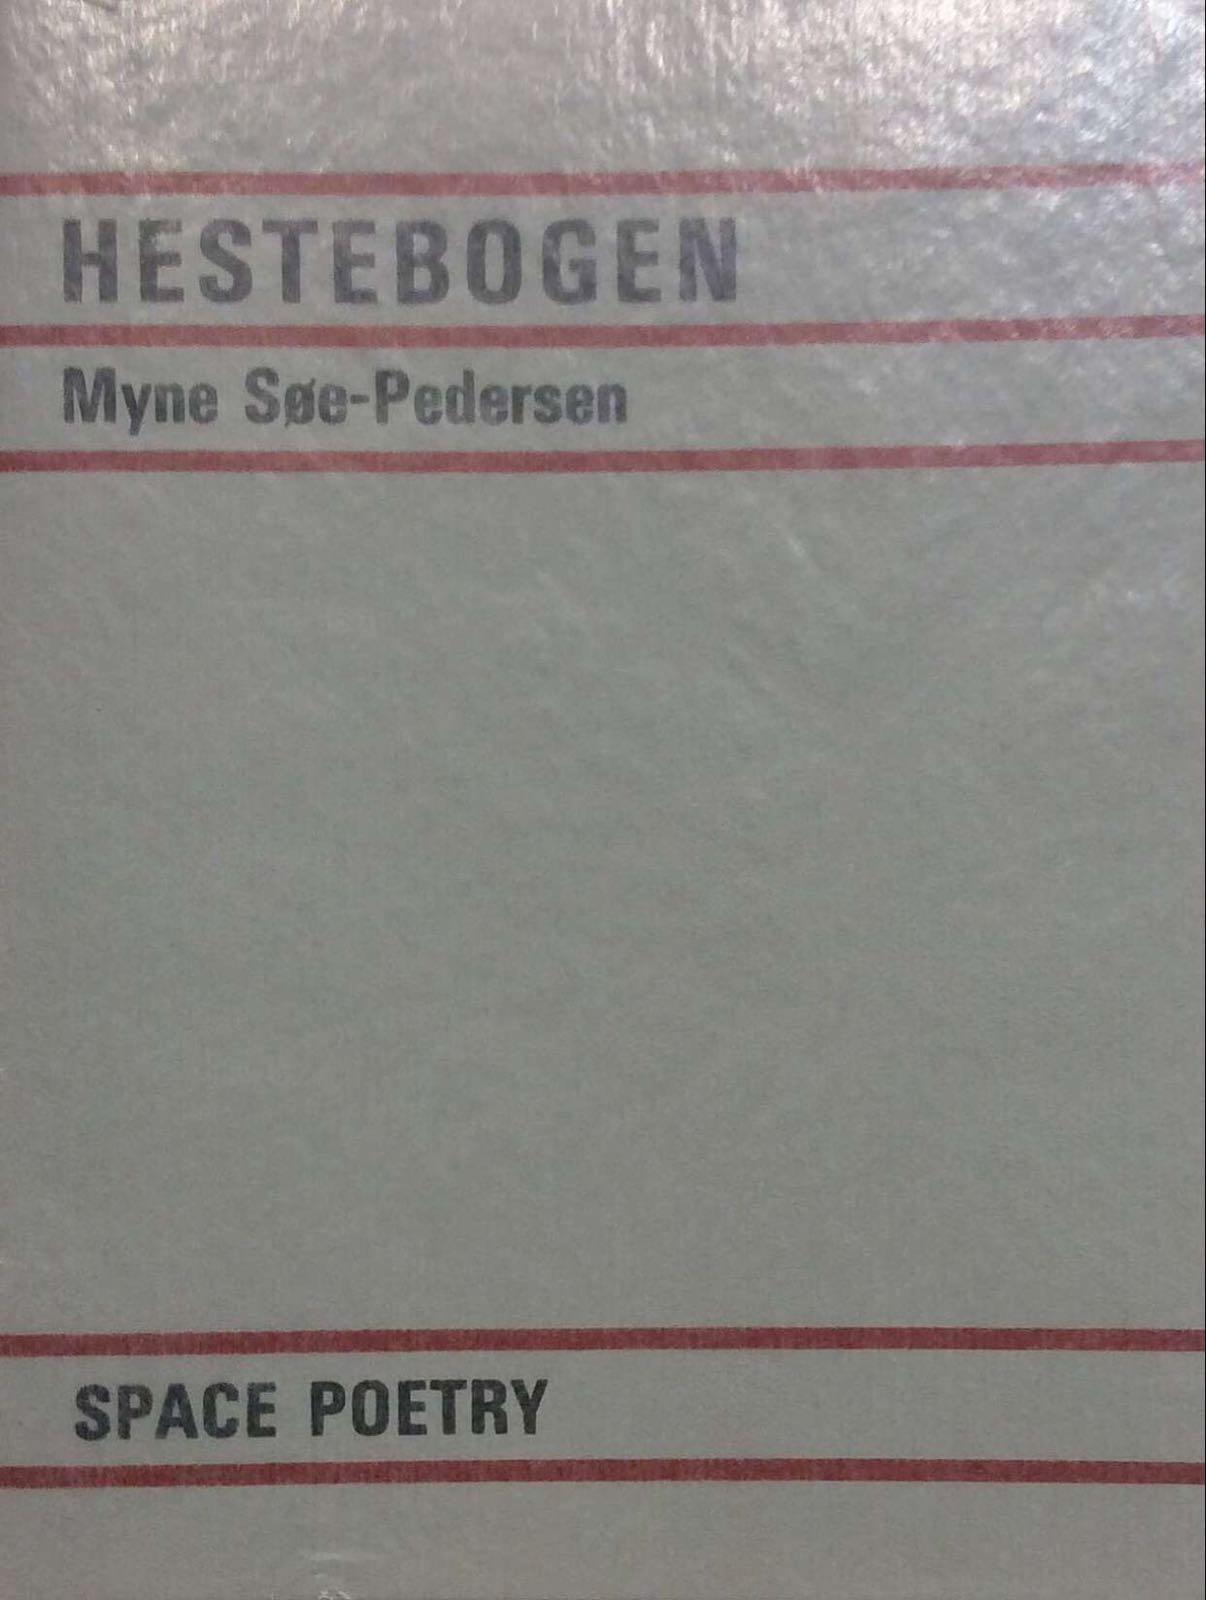 Søe-Pedersen, Myne. Hestebogen